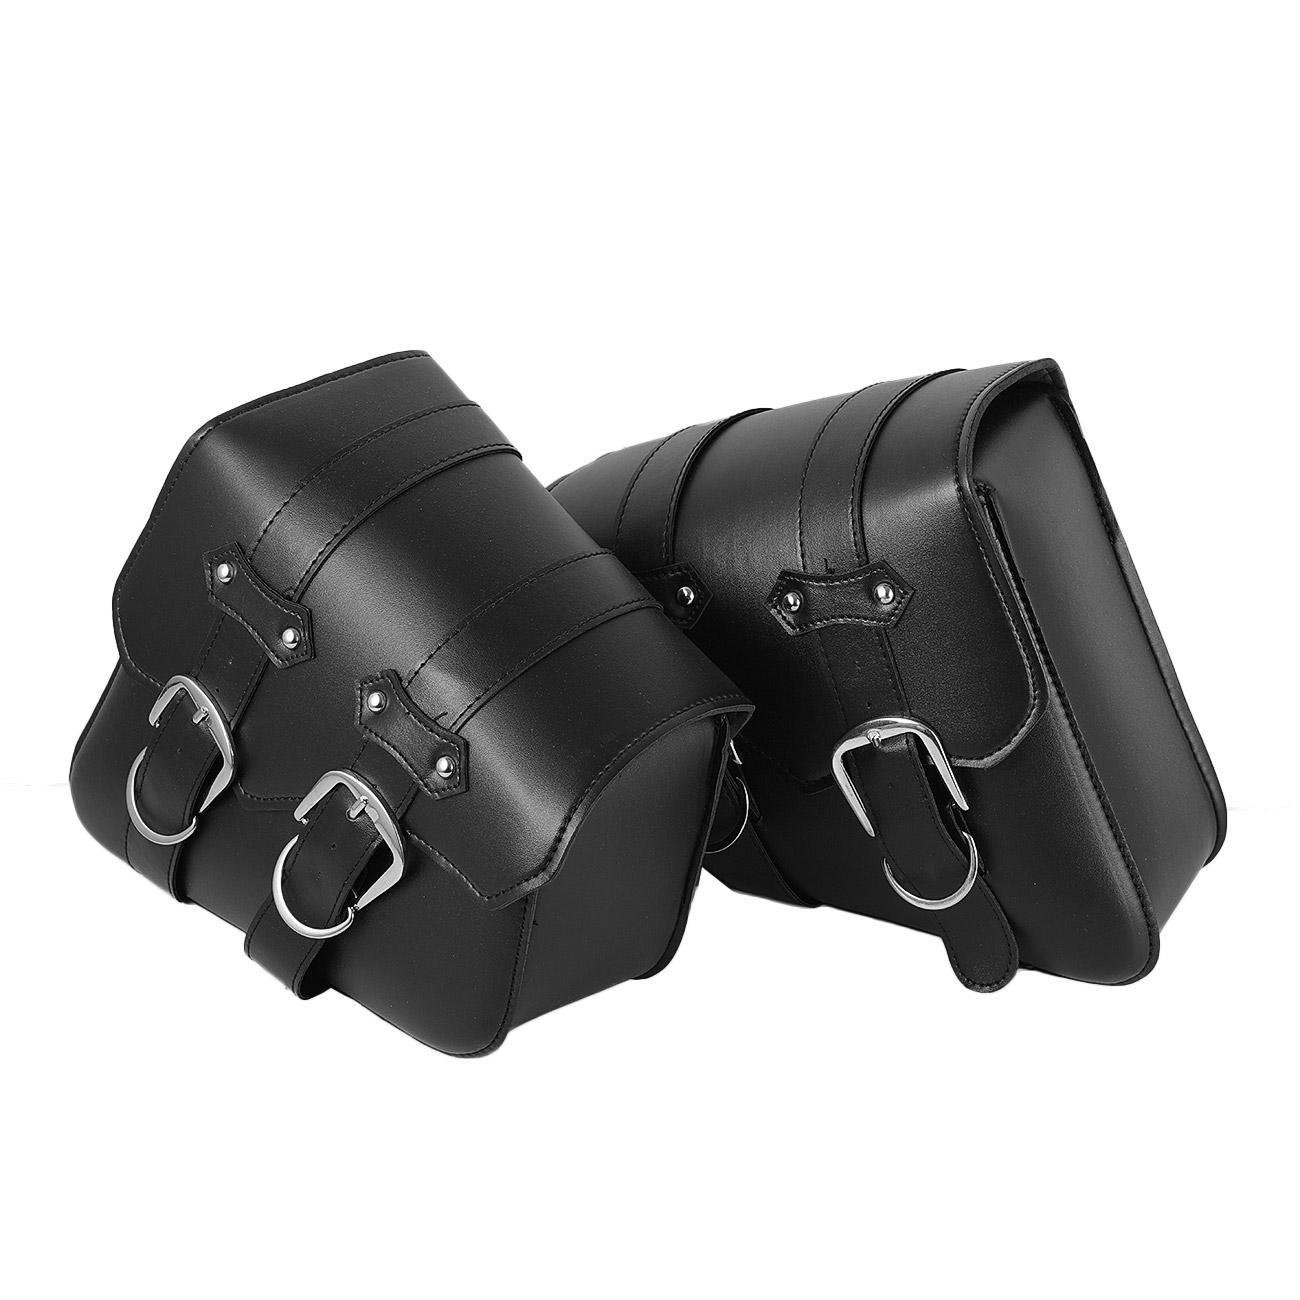 Motorcycle Black Side Saddle Bags For Harley Davidson Sportster XL883 1200